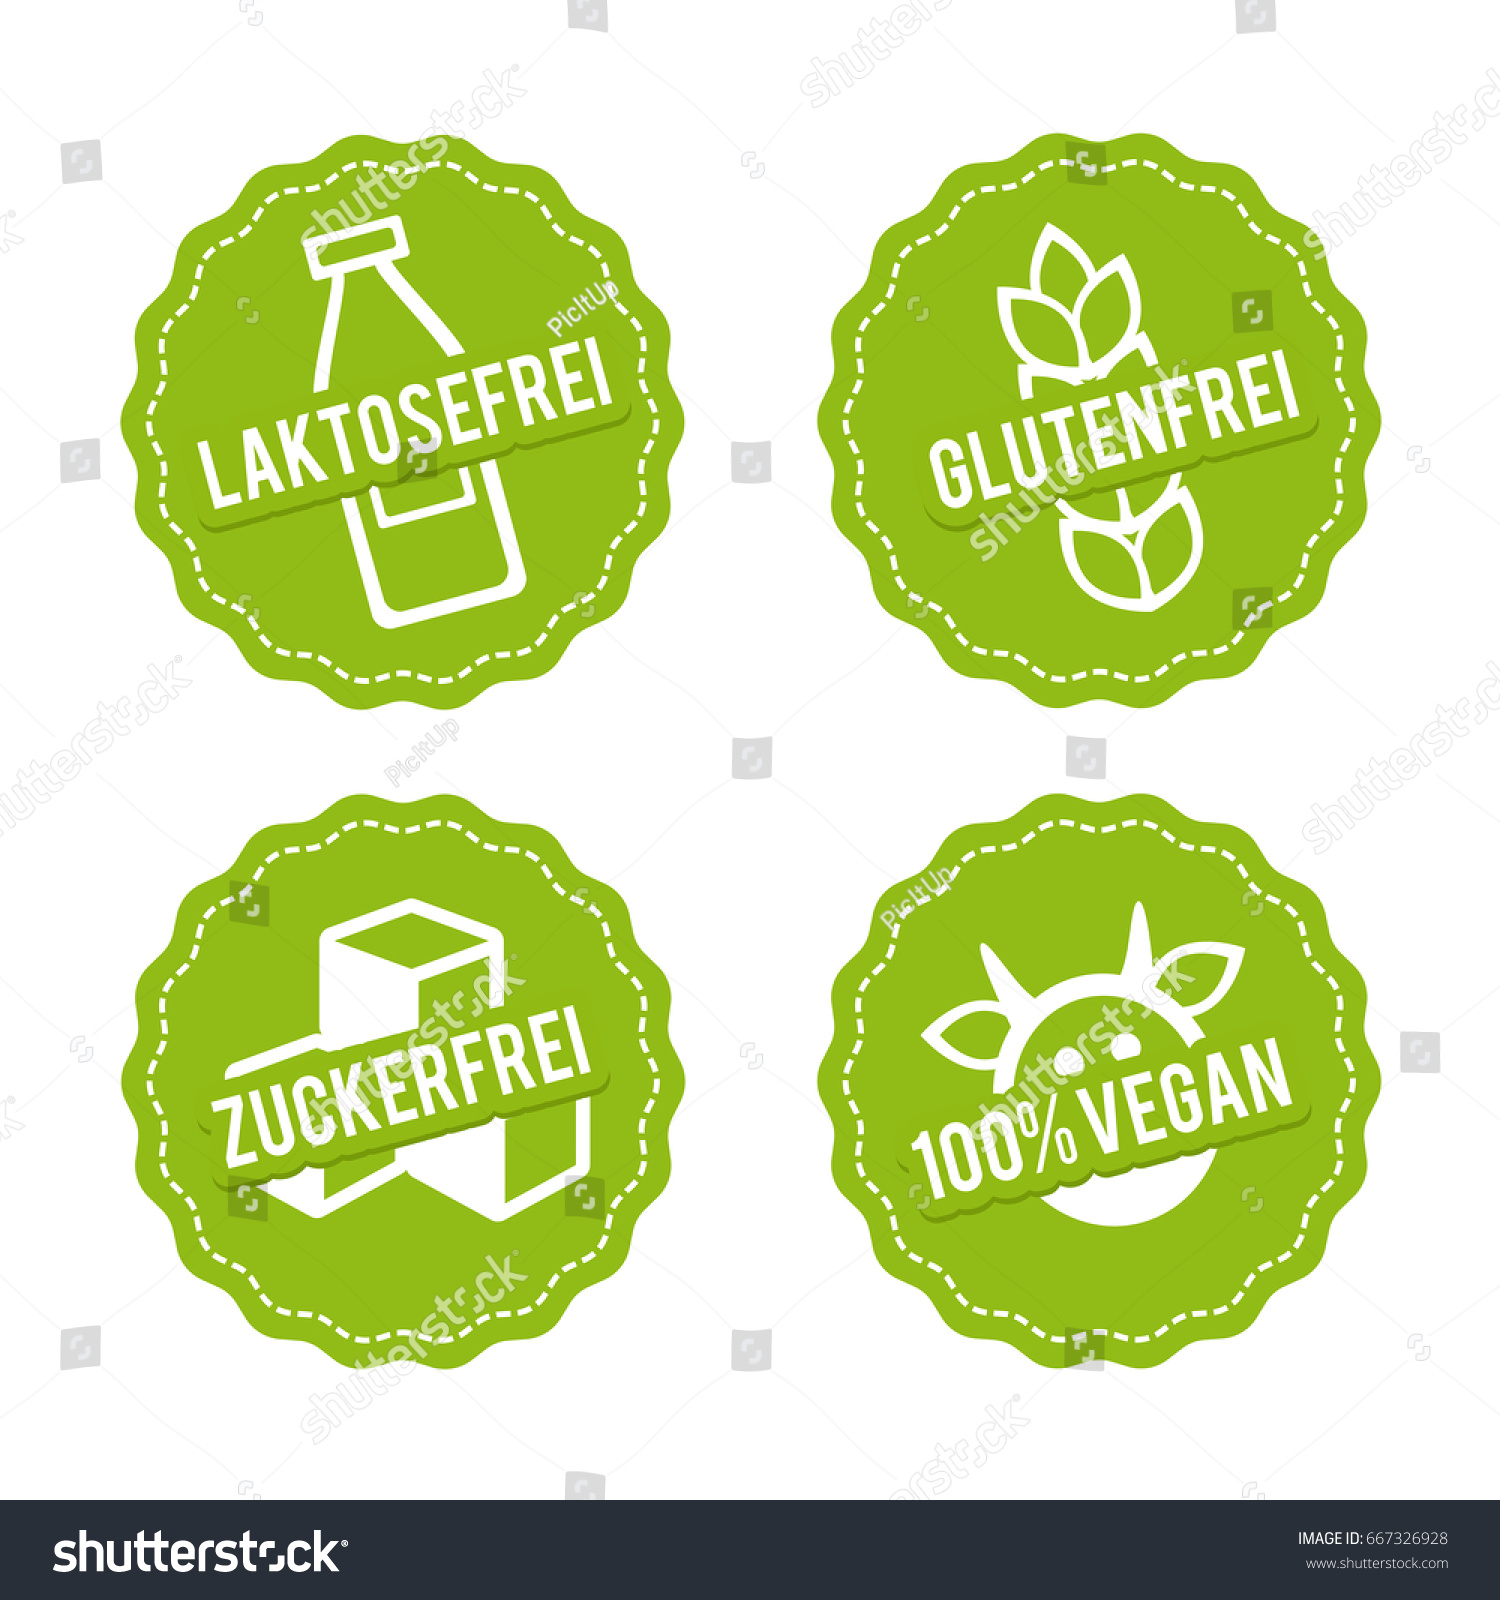 Vektor Symbole Vegan Glutenfrei Laktosefrei Und Stock